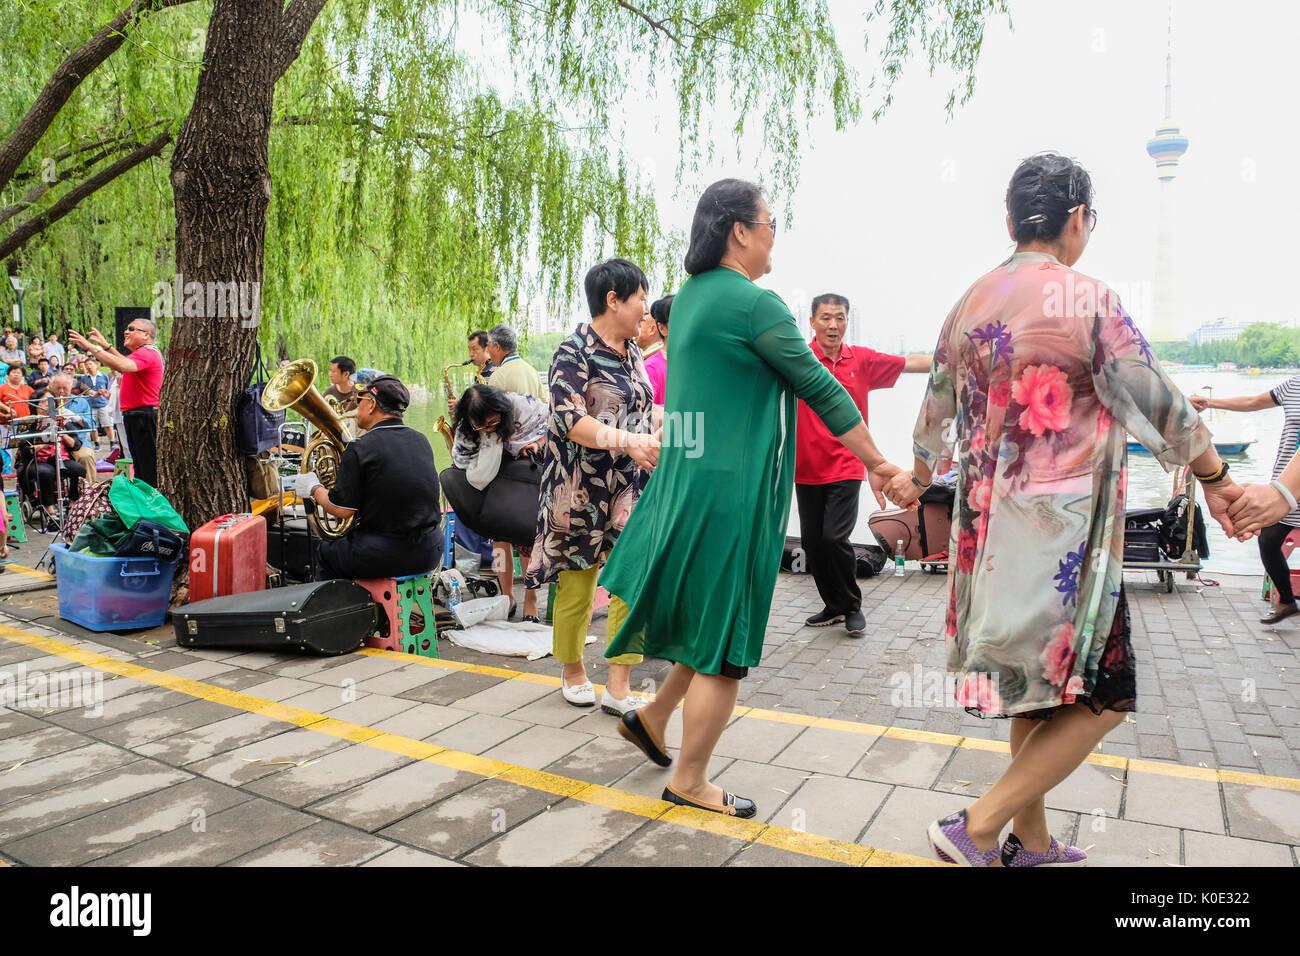 Chinois retraités hommes et femmes pratiquant la danse carrée dans un parc Photo Stock